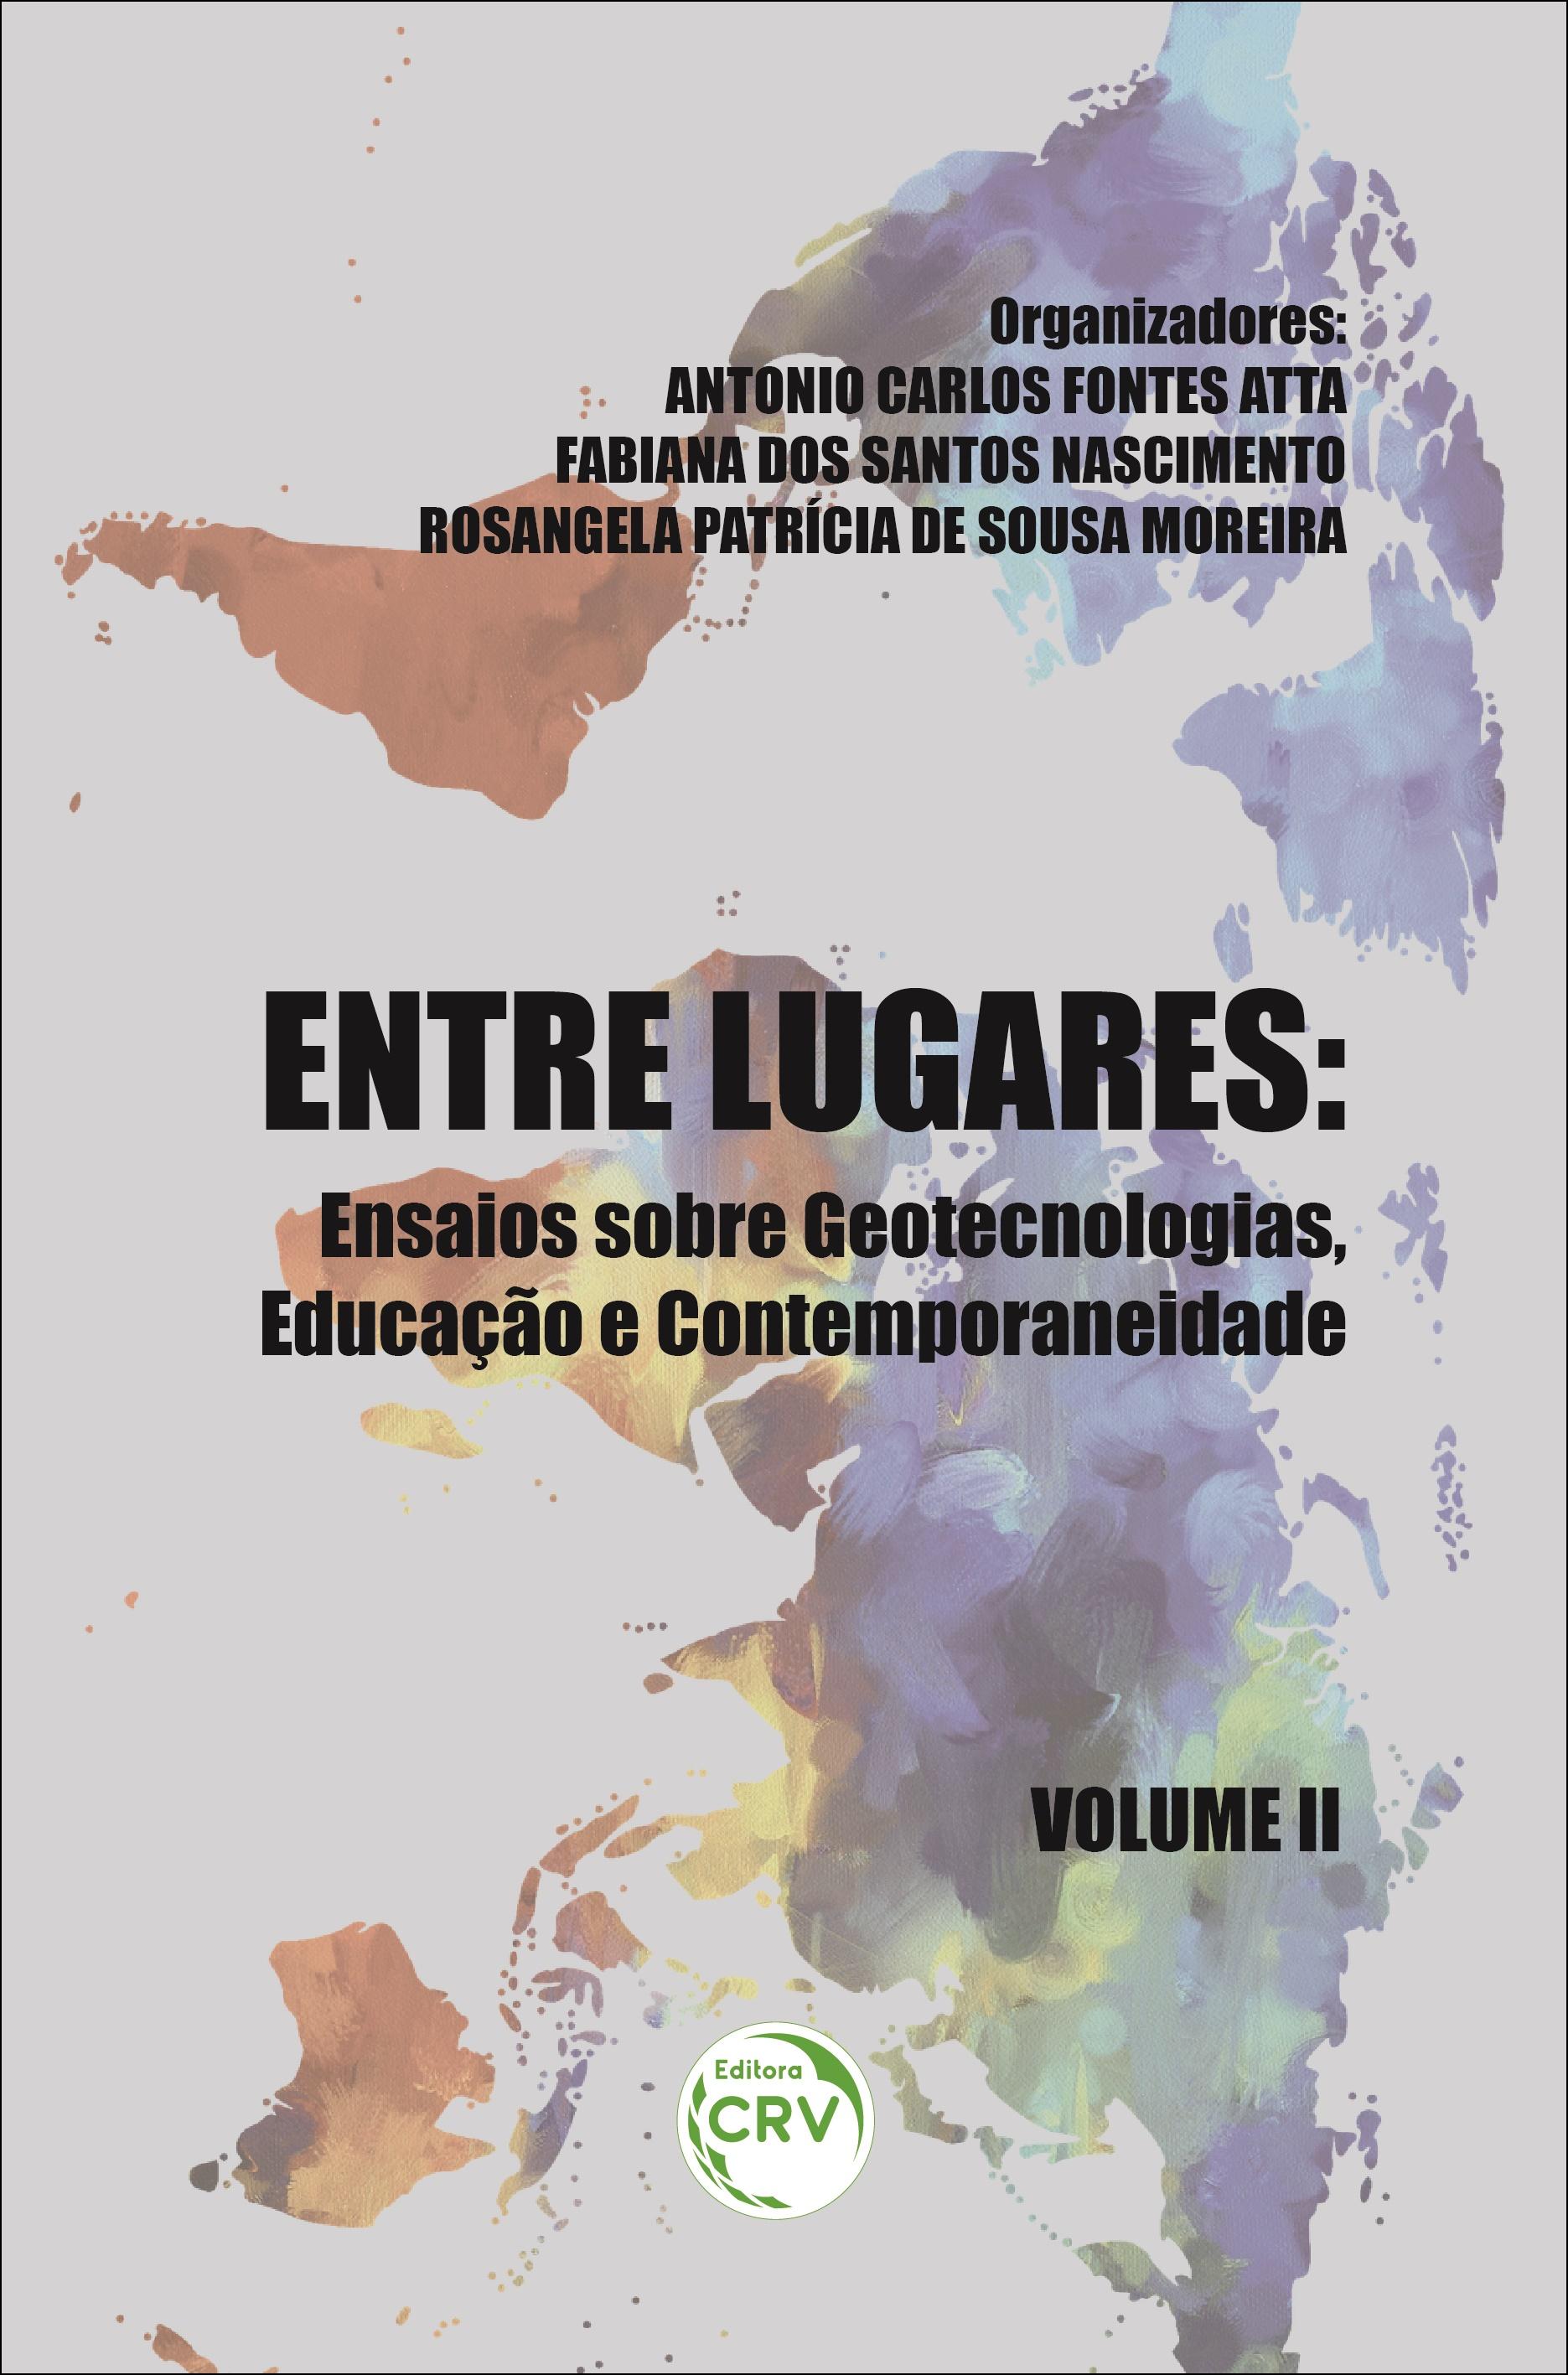 Capa do livro: ENTRE LUGARES:  <br>ensaios sobre geotecnologias, educação e contemporaneidade <br>Volume 2